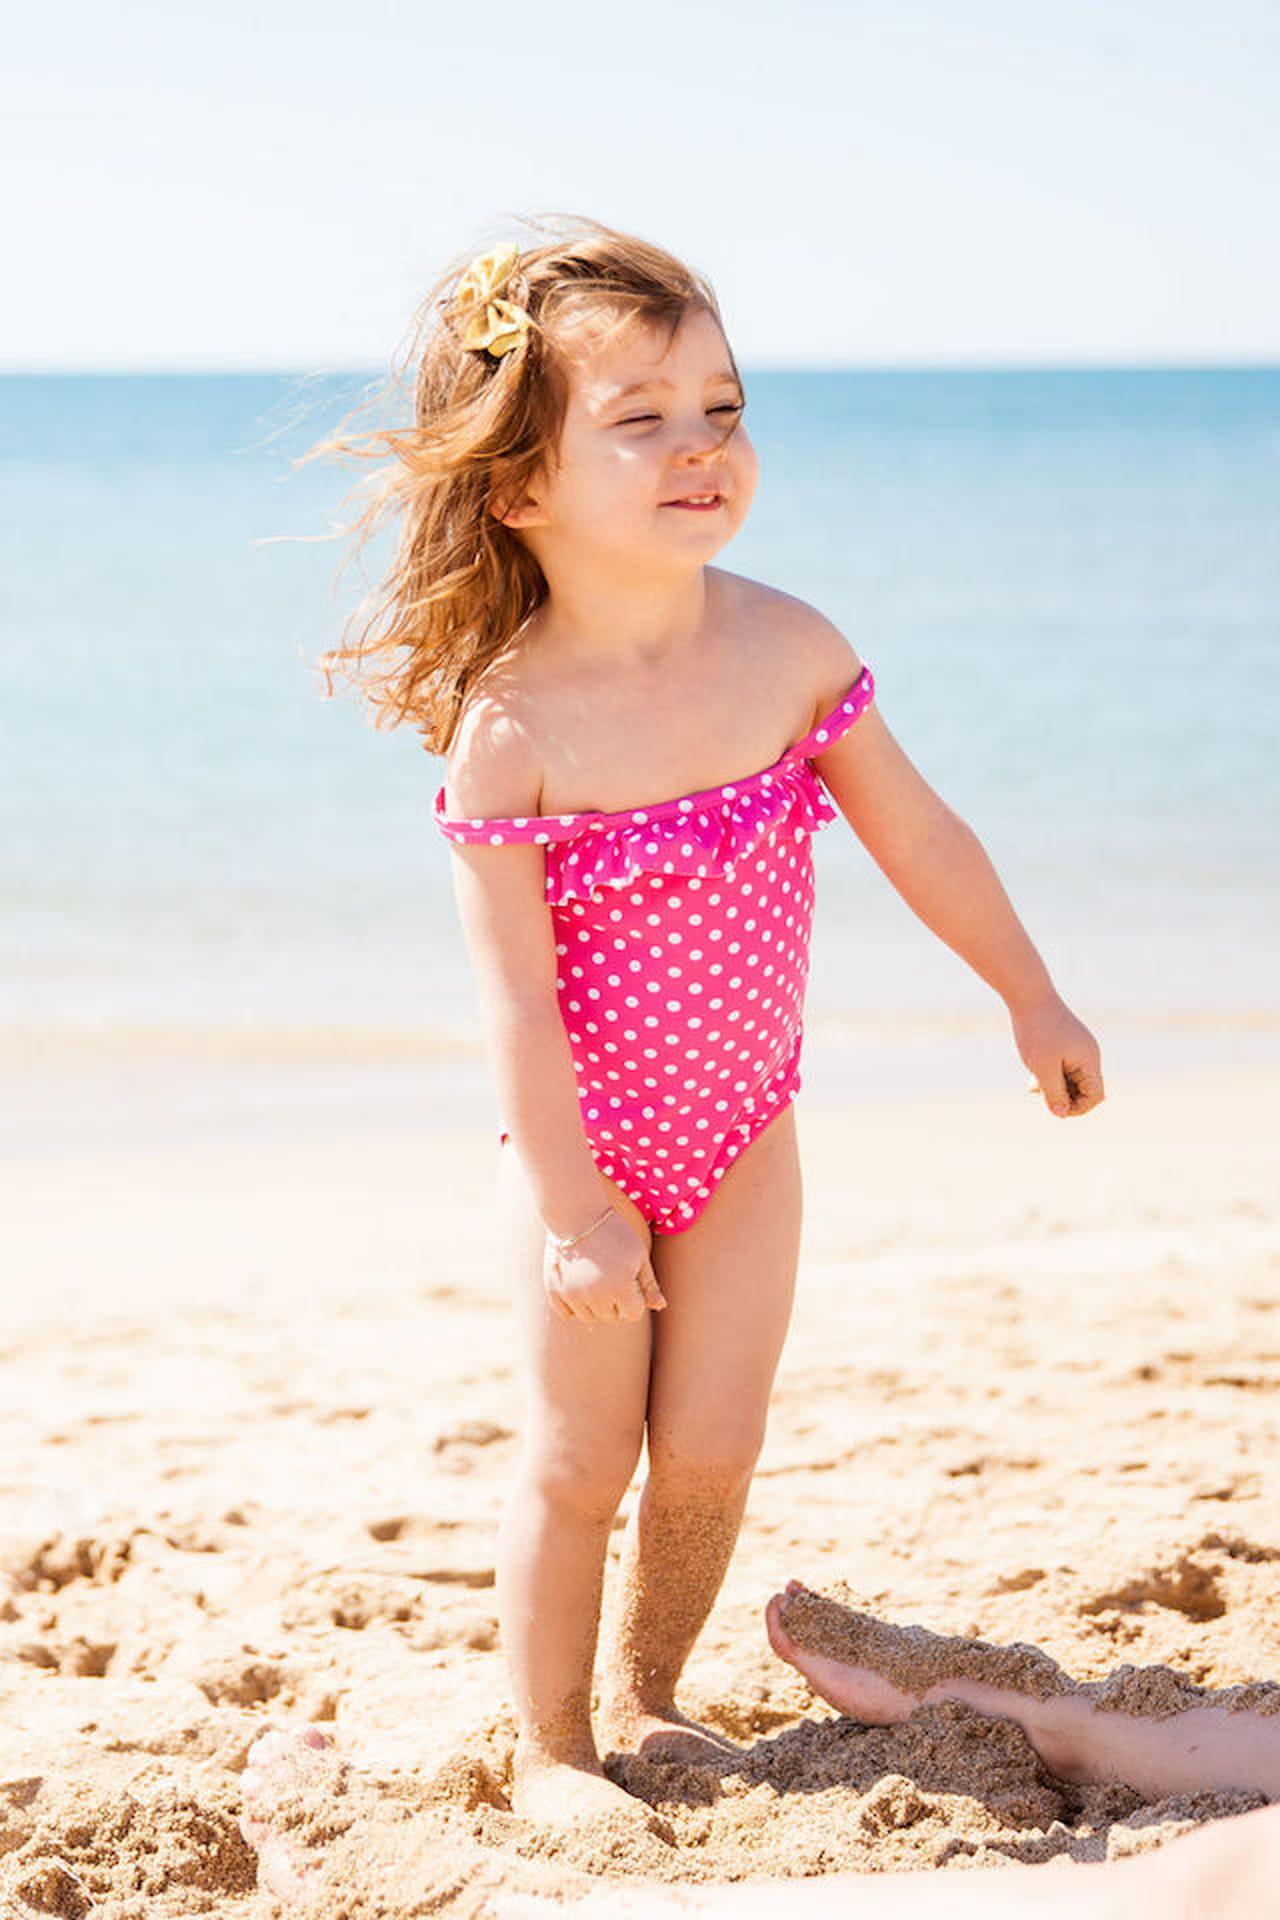 Bambine in costume da bagno: consigli alla moda